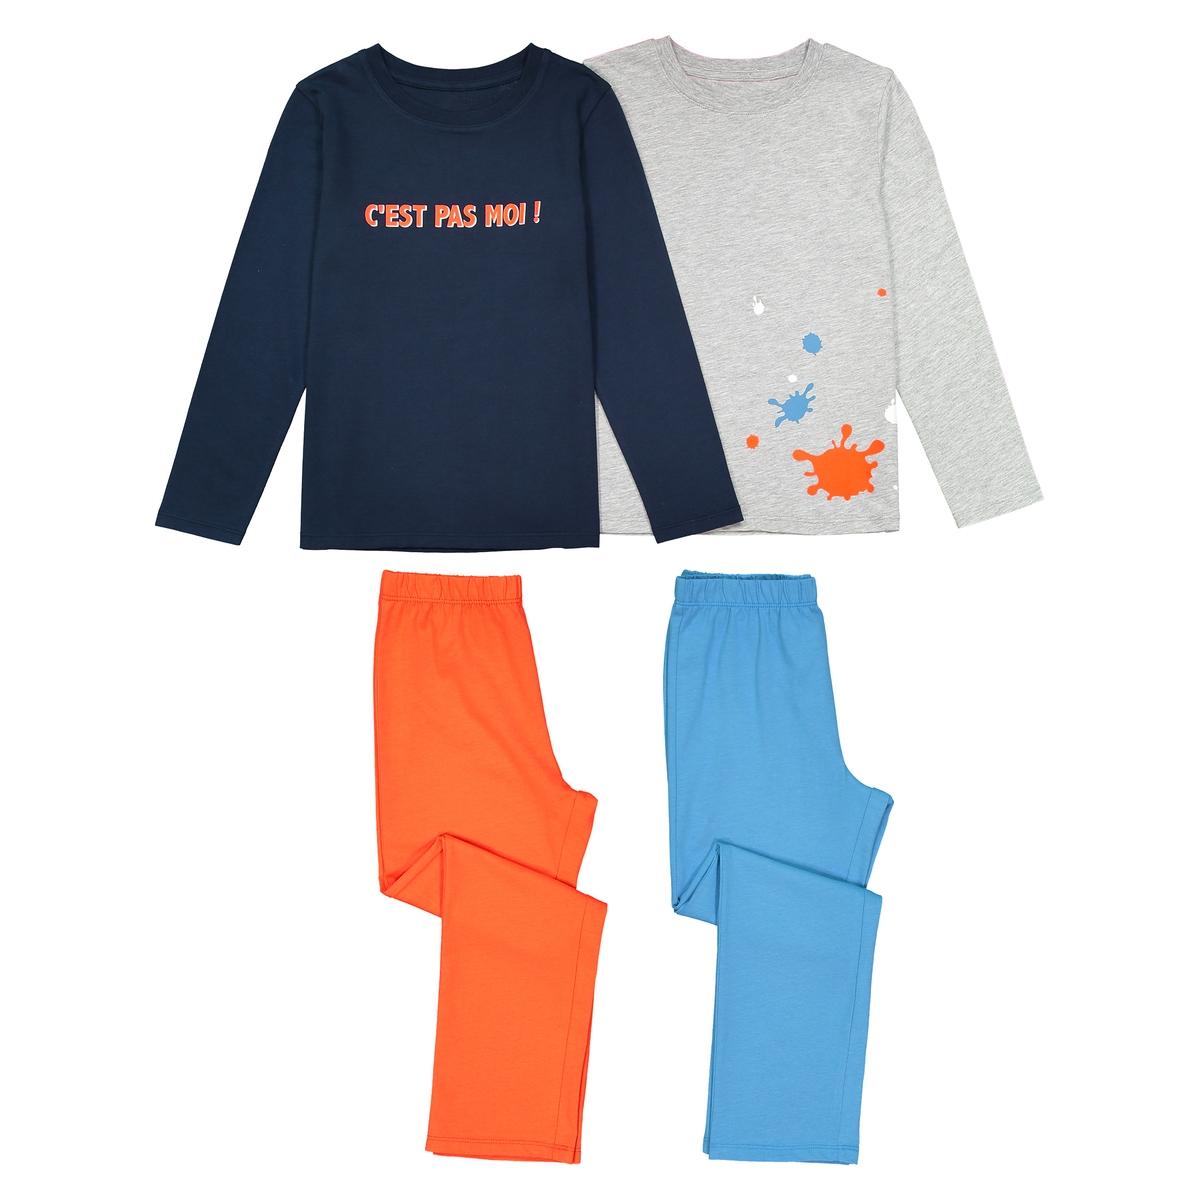 Комплект из 2 пижам с забавной надписью, 3-12 лет